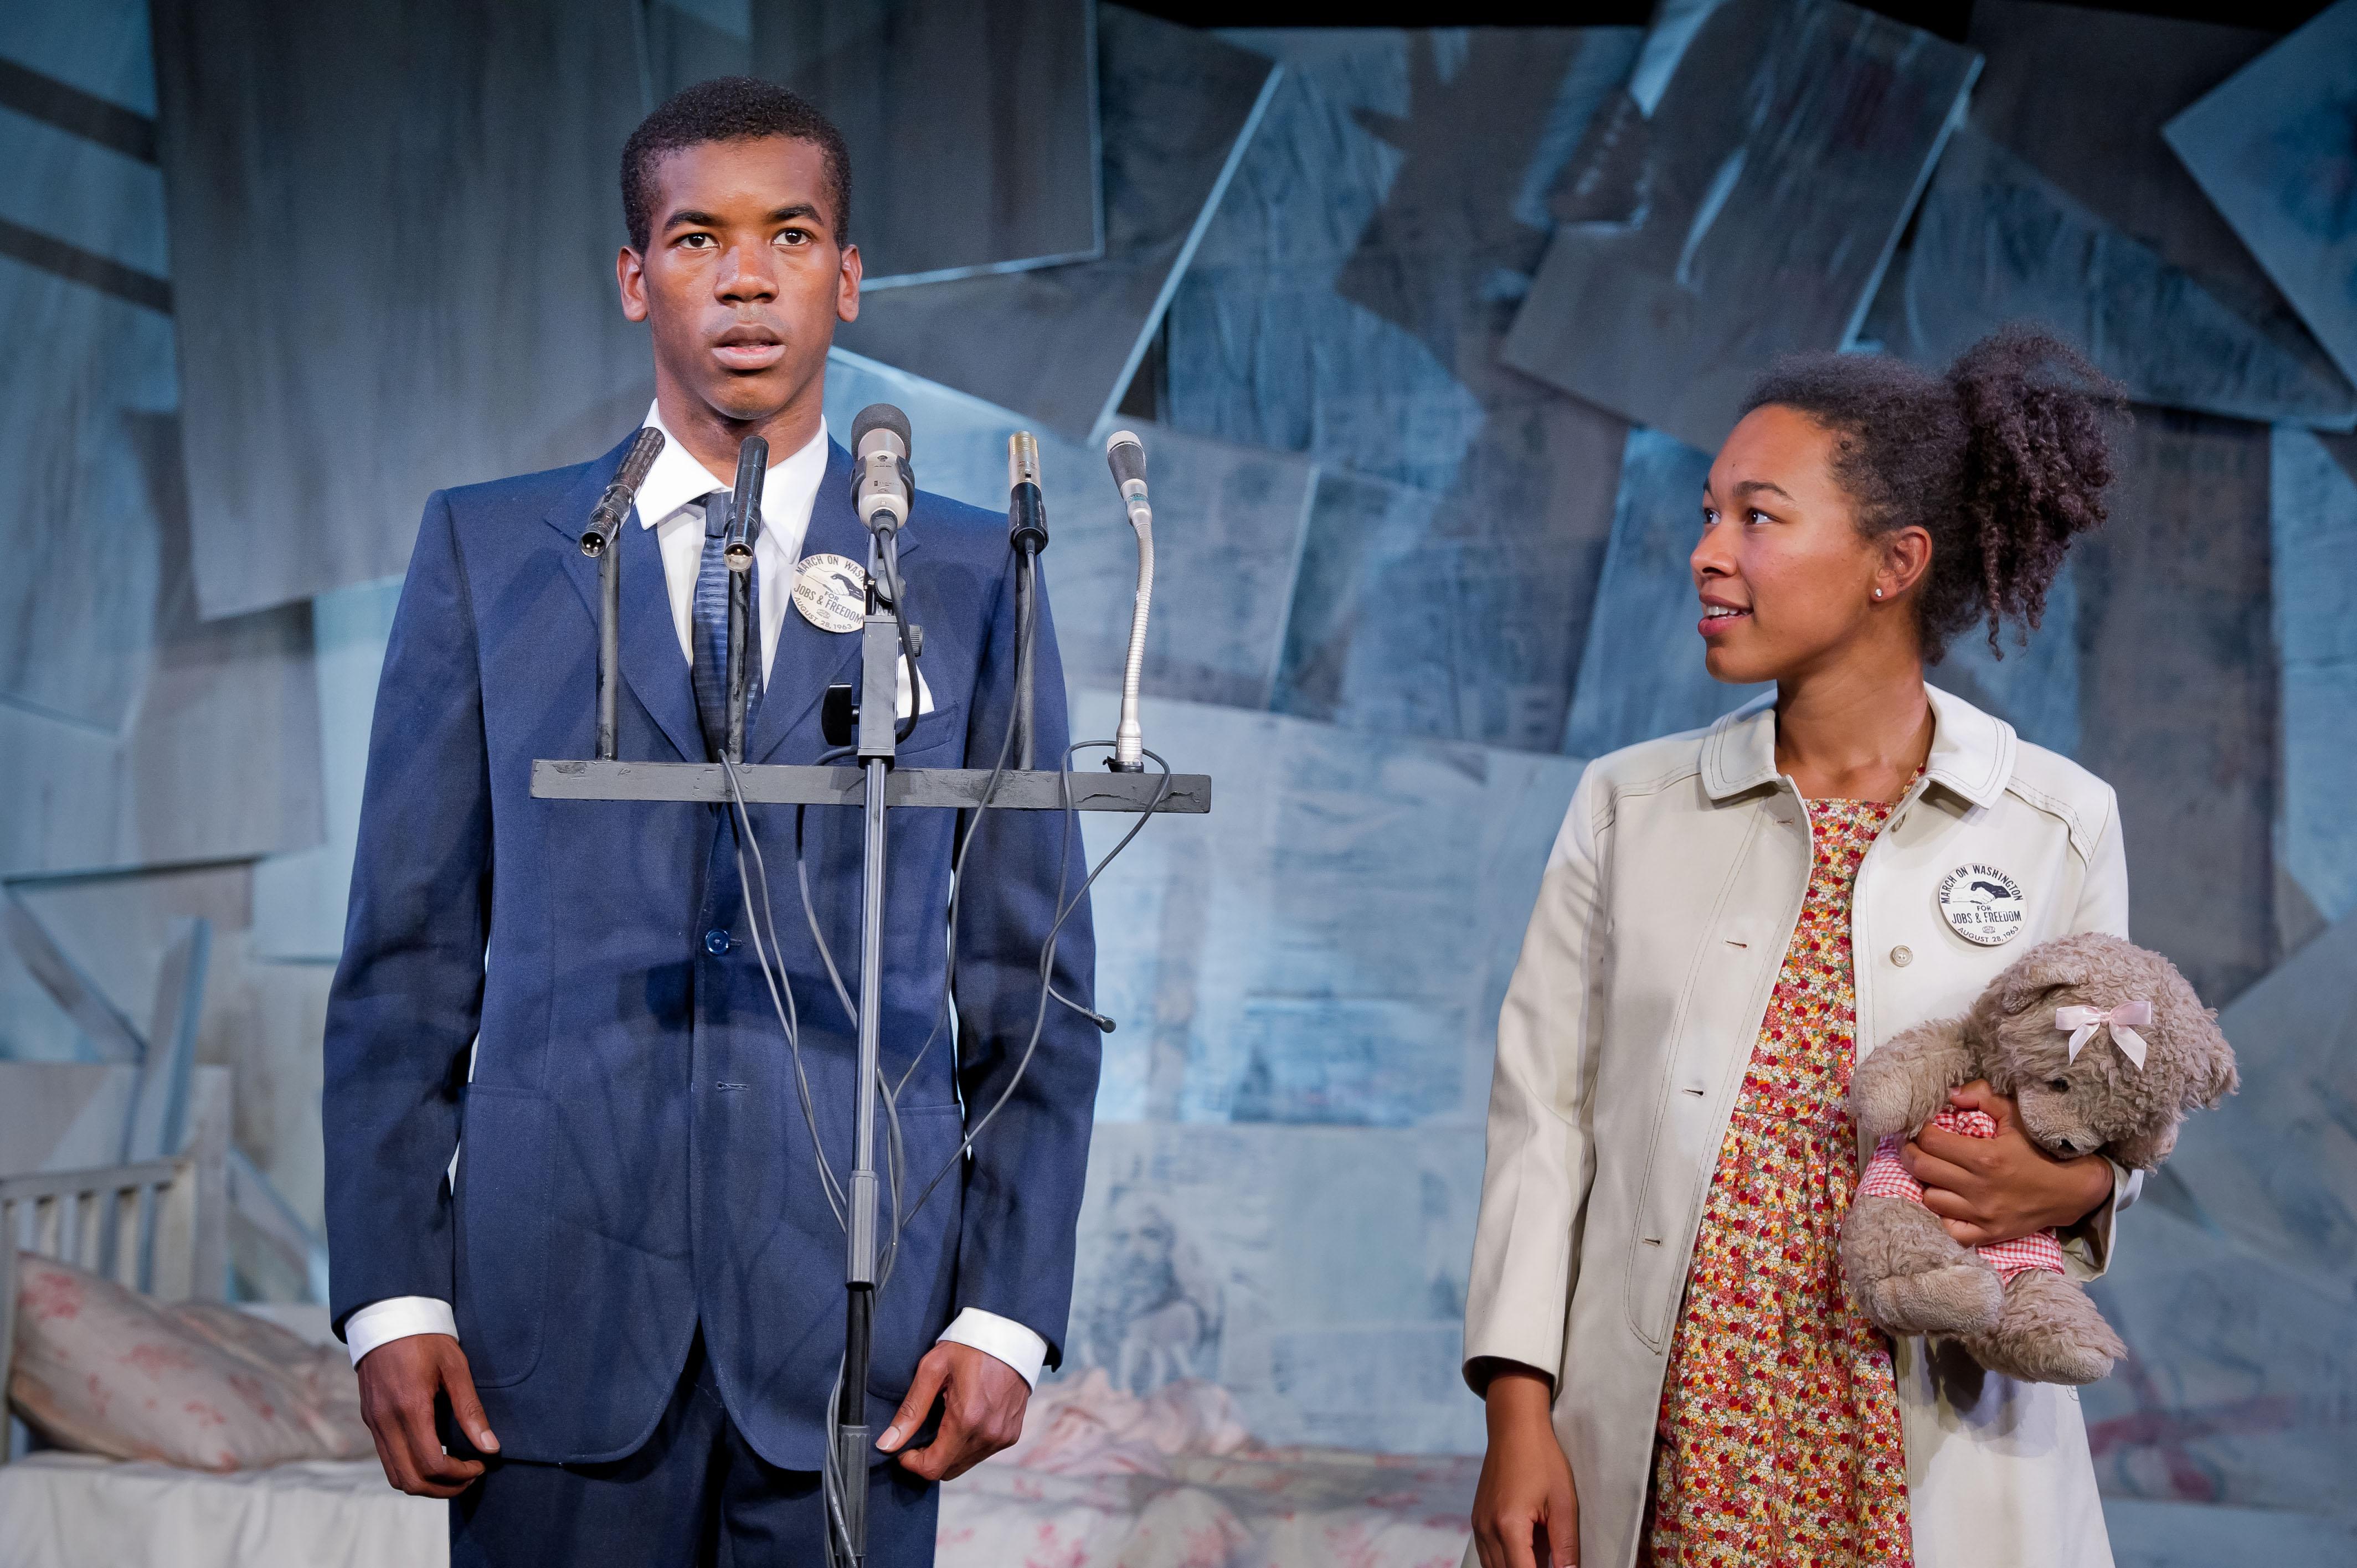 Theatre: I Have A Dream